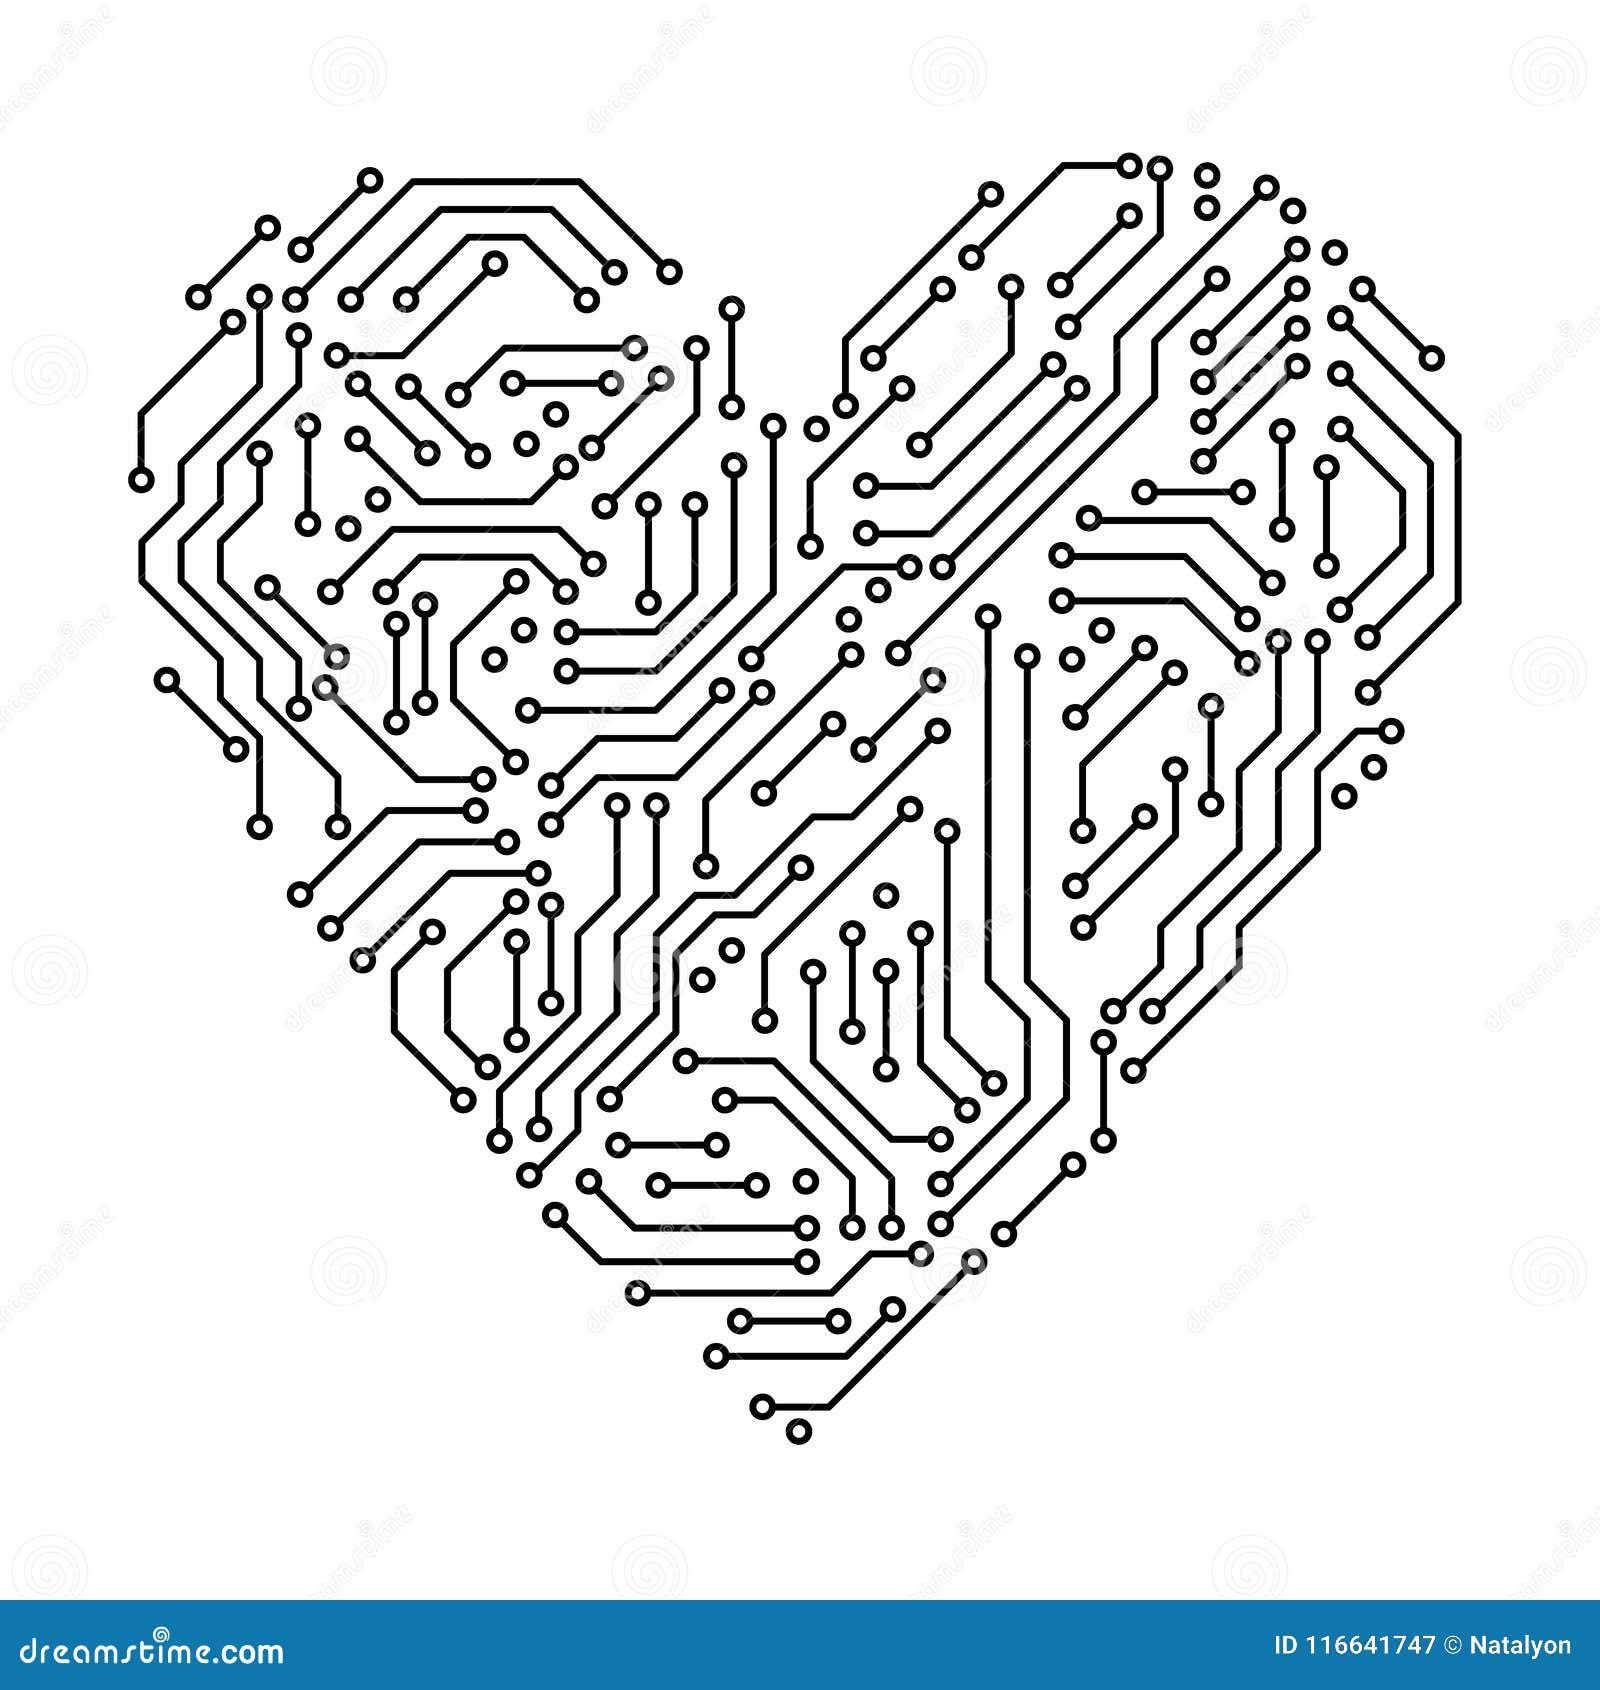 Informática preto e branco da forma do coração da placa de circuito impresso, vetor